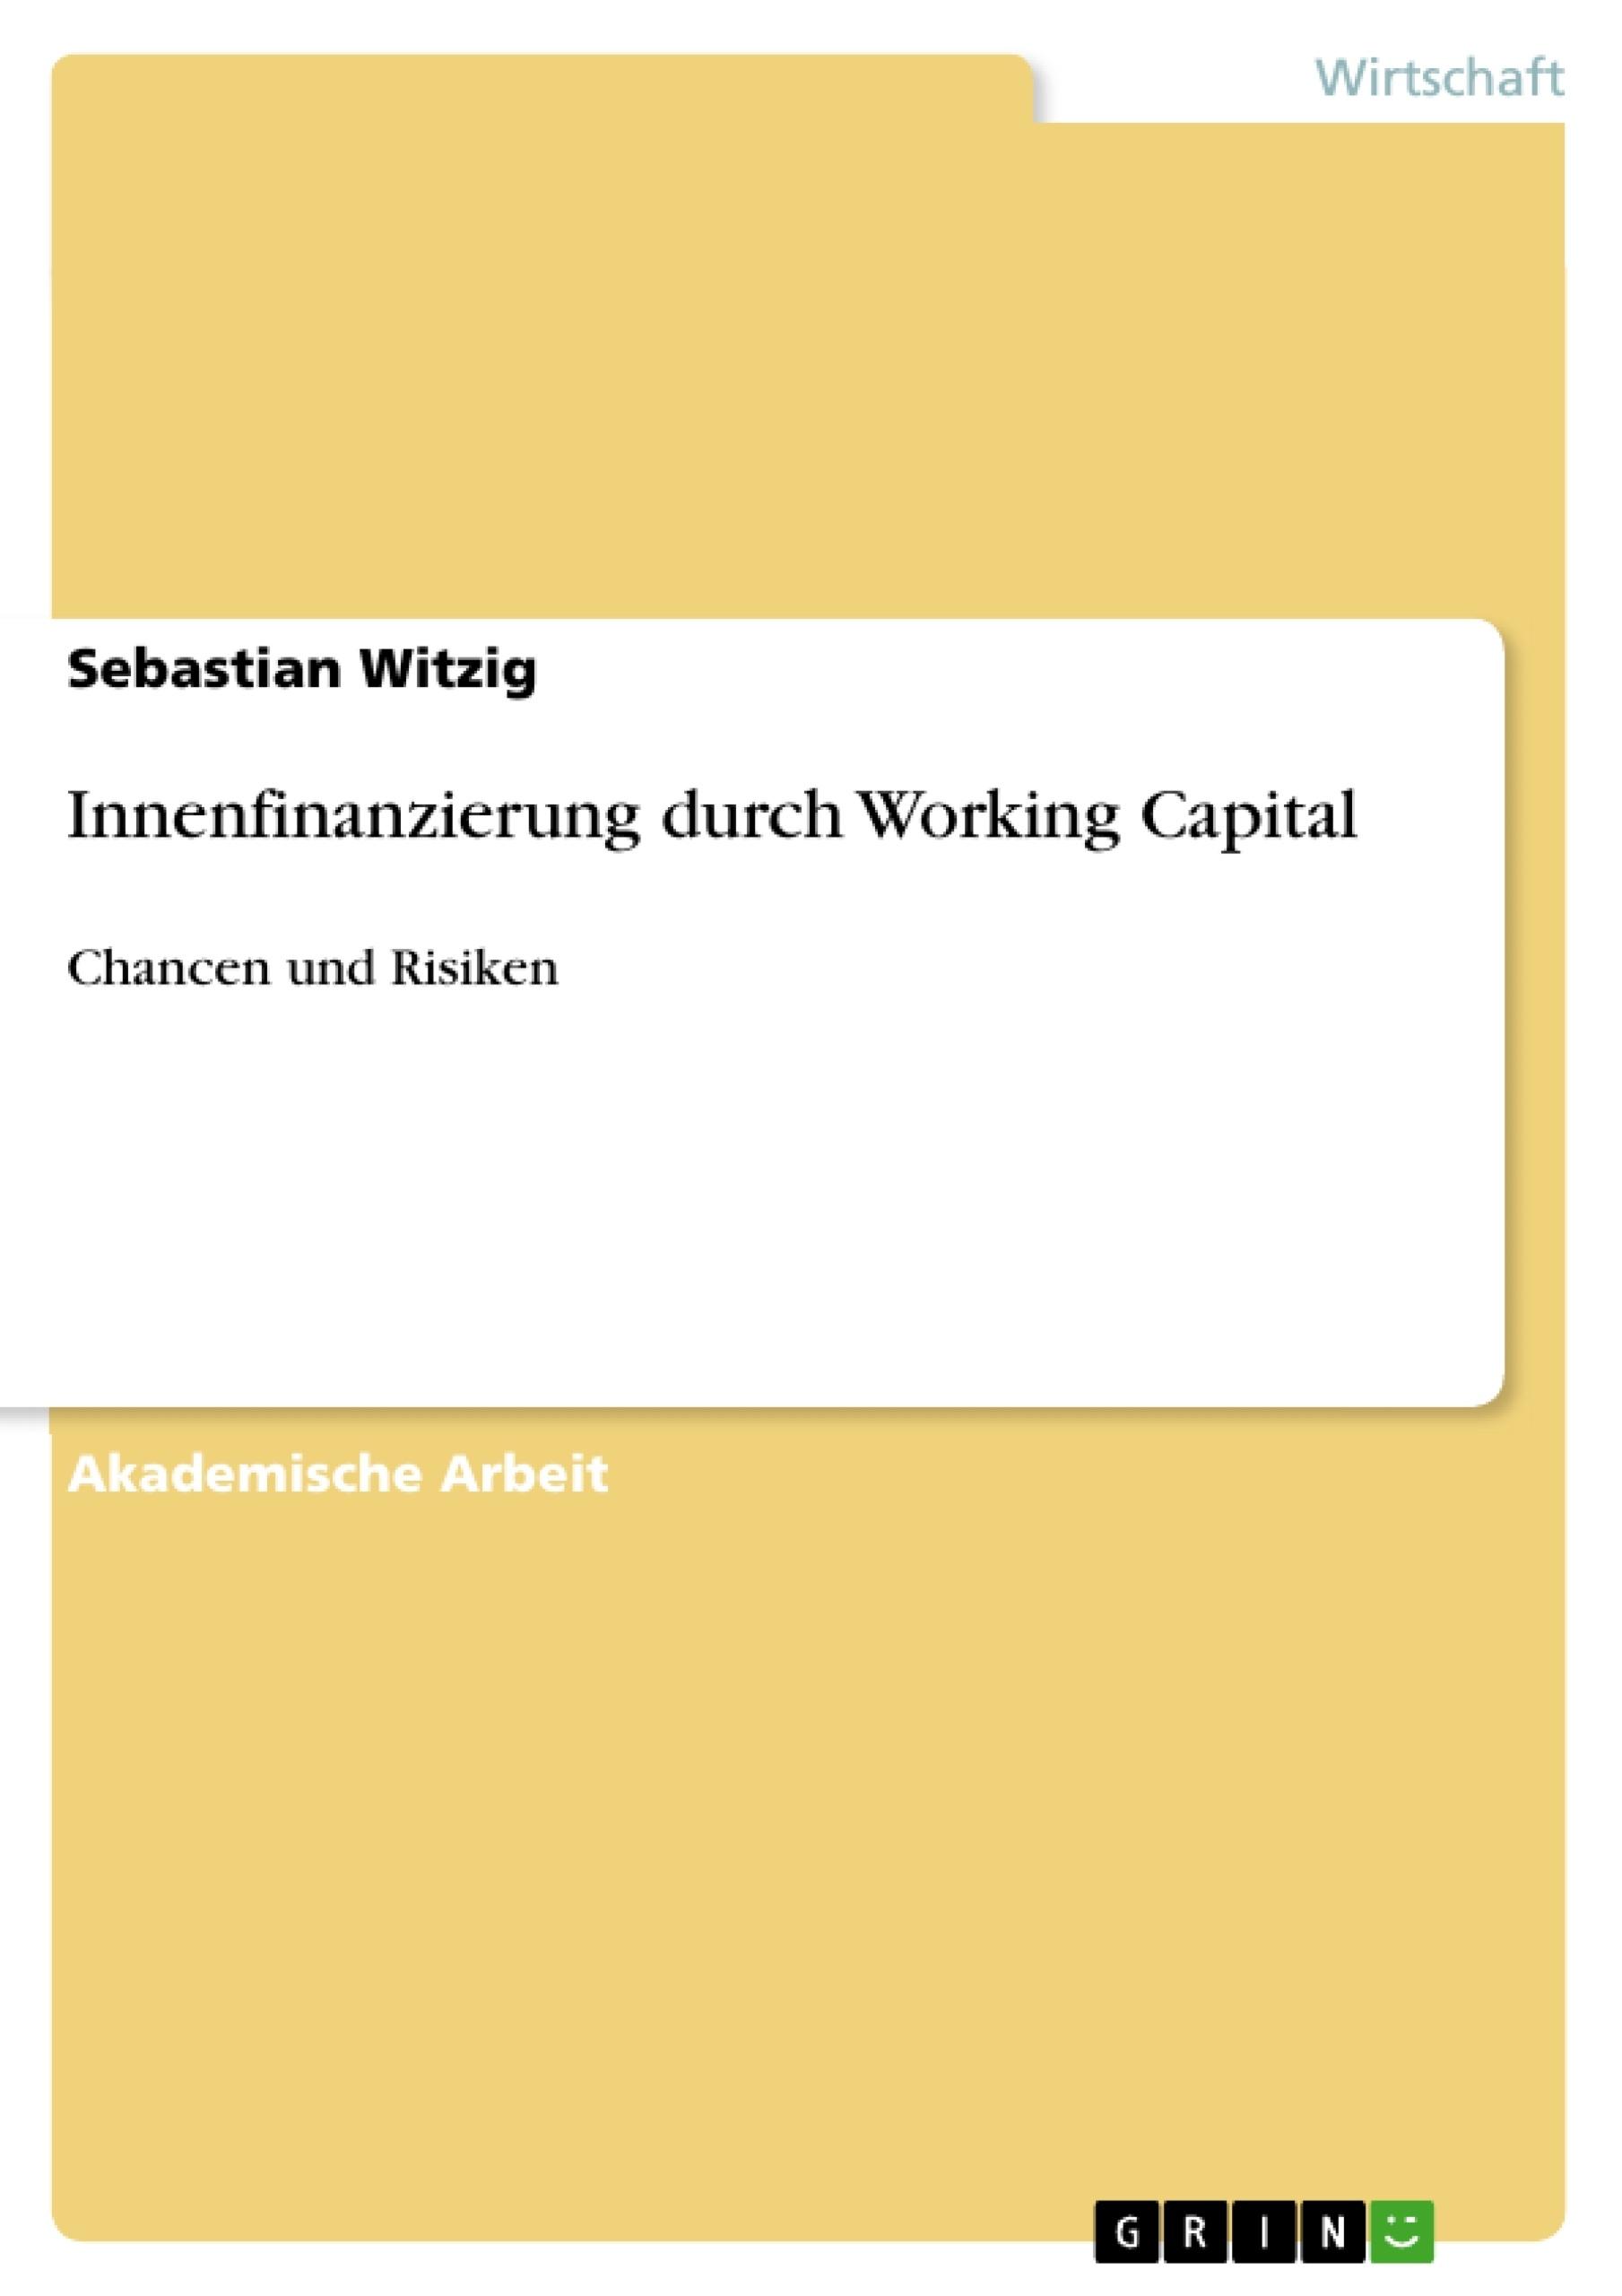 Titel: Innenfinanzierung durch Working Capital